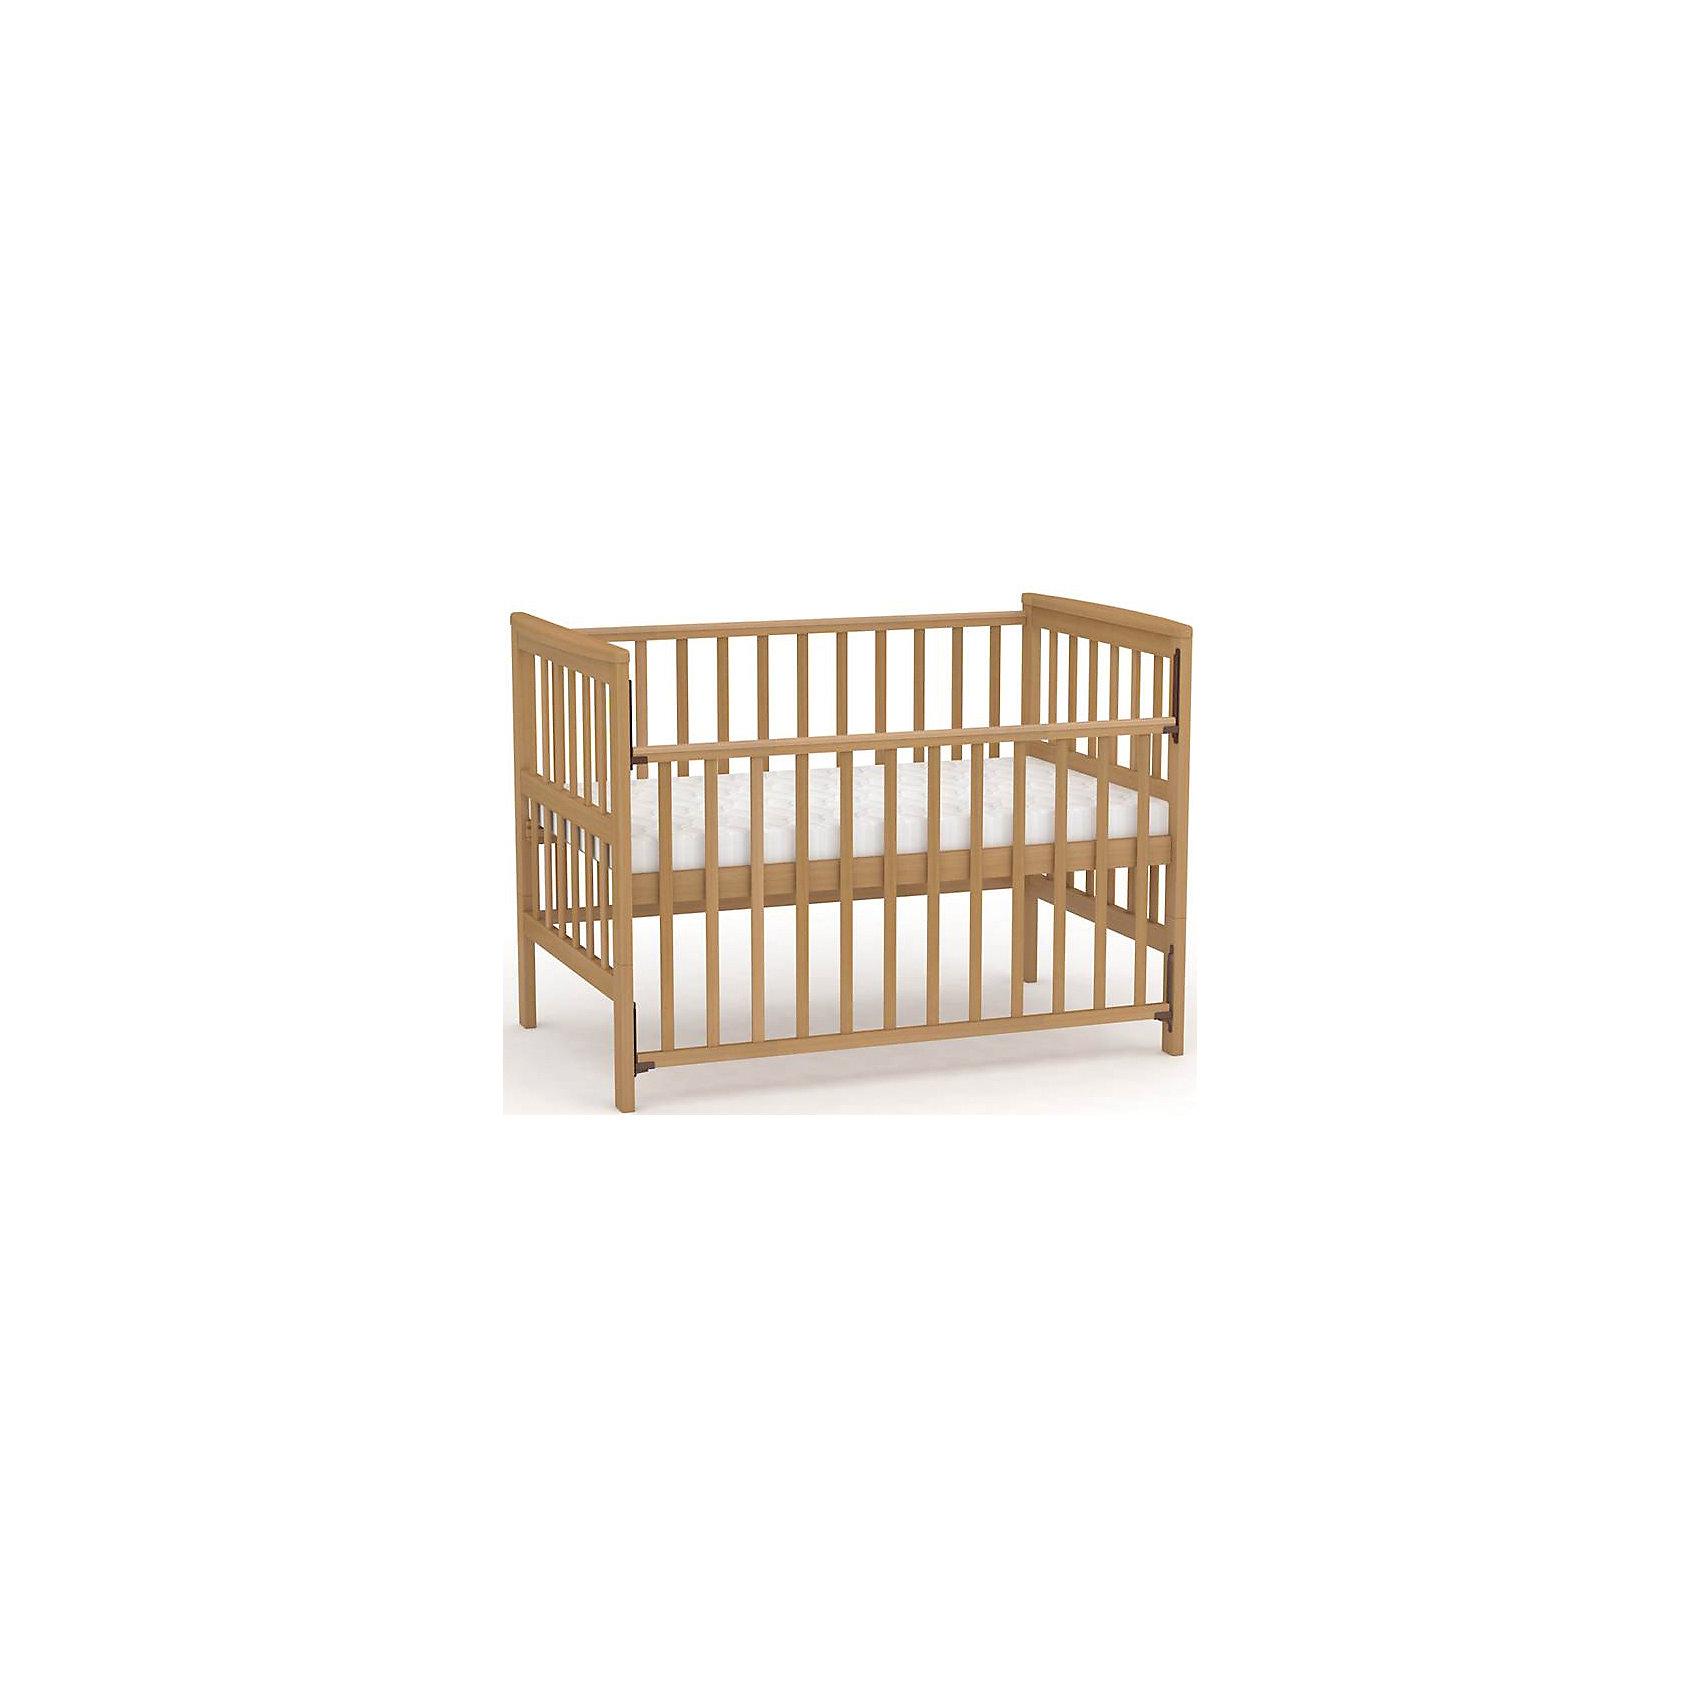 Детская кровать-трансформер 800, Фея, медовыйКроватки<br>Правильная детская мебель всегда отличается от взрослой, так как производится с учетом потребностей малышей. Данная кроватка обеспечит удобство и ребенку и маме - она имеет удобный механизм опускания передней планки и возможность трансформировать кроватку в более взрослую, сняв боковые стенки.<br>Кроватка сделана из качественного дерева, покрытого лаком. Цвет - универсальный, подойдет практически для любого интерьера. Все материалы тщательно подобраны специалистами и безопасны для детей.<br><br>Дополнительная информация:<br><br>цвет: дерево;<br>материал: массив березы, лак;<br>передняя планка удобно опускается;<br>ортопедическое основание;<br>ложе имеет 2 положения;<br>размер:  97,4 х 154,6 х 80 см ;<br>ложе: 70 на 140 см;<br>вес: 22 кг.<br><br>Детскую кровать-трансформер 800 торговой марки Фея можно купить в нашем магазине.<br><br>Ширина мм: 800<br>Глубина мм: 1546<br>Высота мм: 974<br>Вес г: 22000<br>Возраст от месяцев: 0<br>Возраст до месяцев: 36<br>Пол: Унисекс<br>Возраст: Детский<br>SKU: 4873622